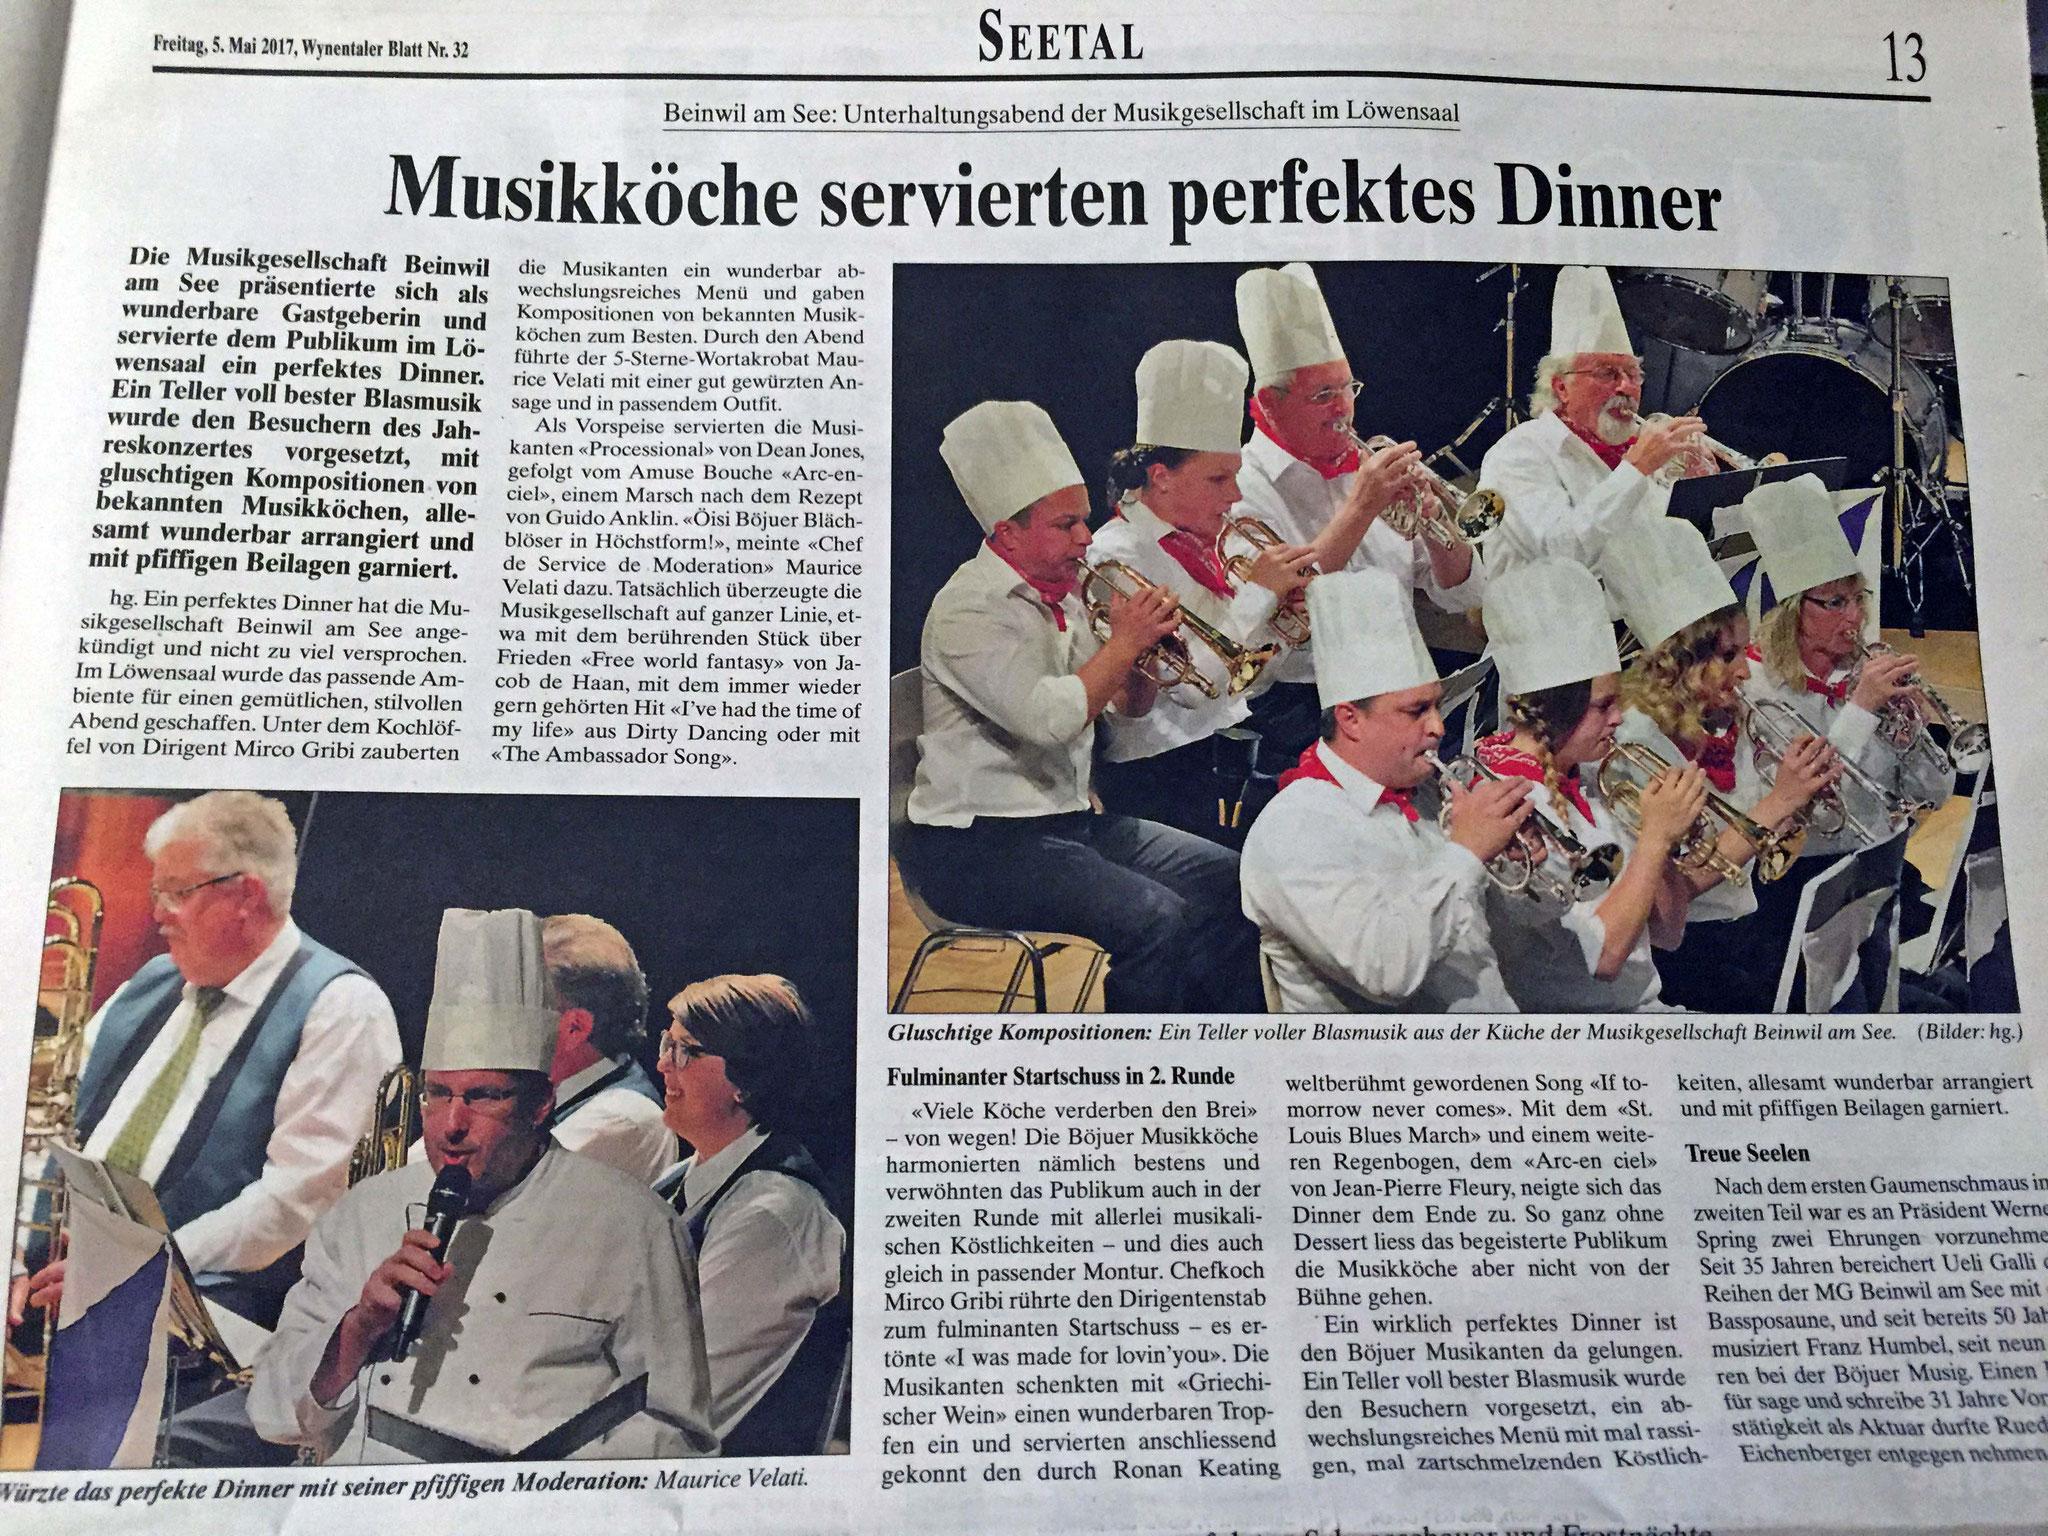 «Würzte das perfekte Dinner mit seiner pfiffigen Moderation»: So schreibt das Wynentaler Blatt über die eher launige Aufgabe bei der Musikgesellschaft Beinwil am See (29.4.2017)